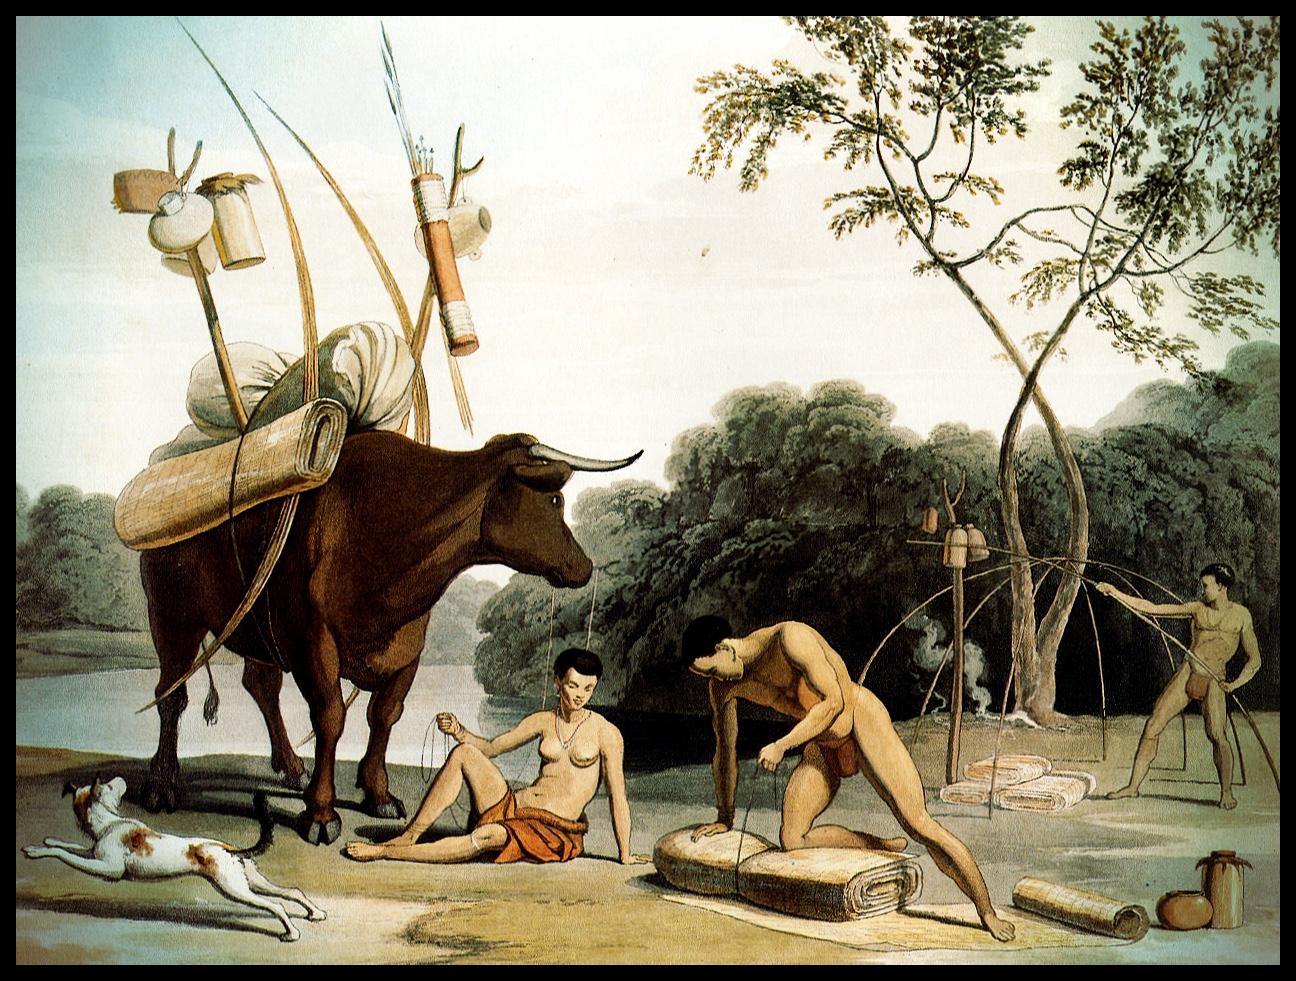 5. Khoikhoi